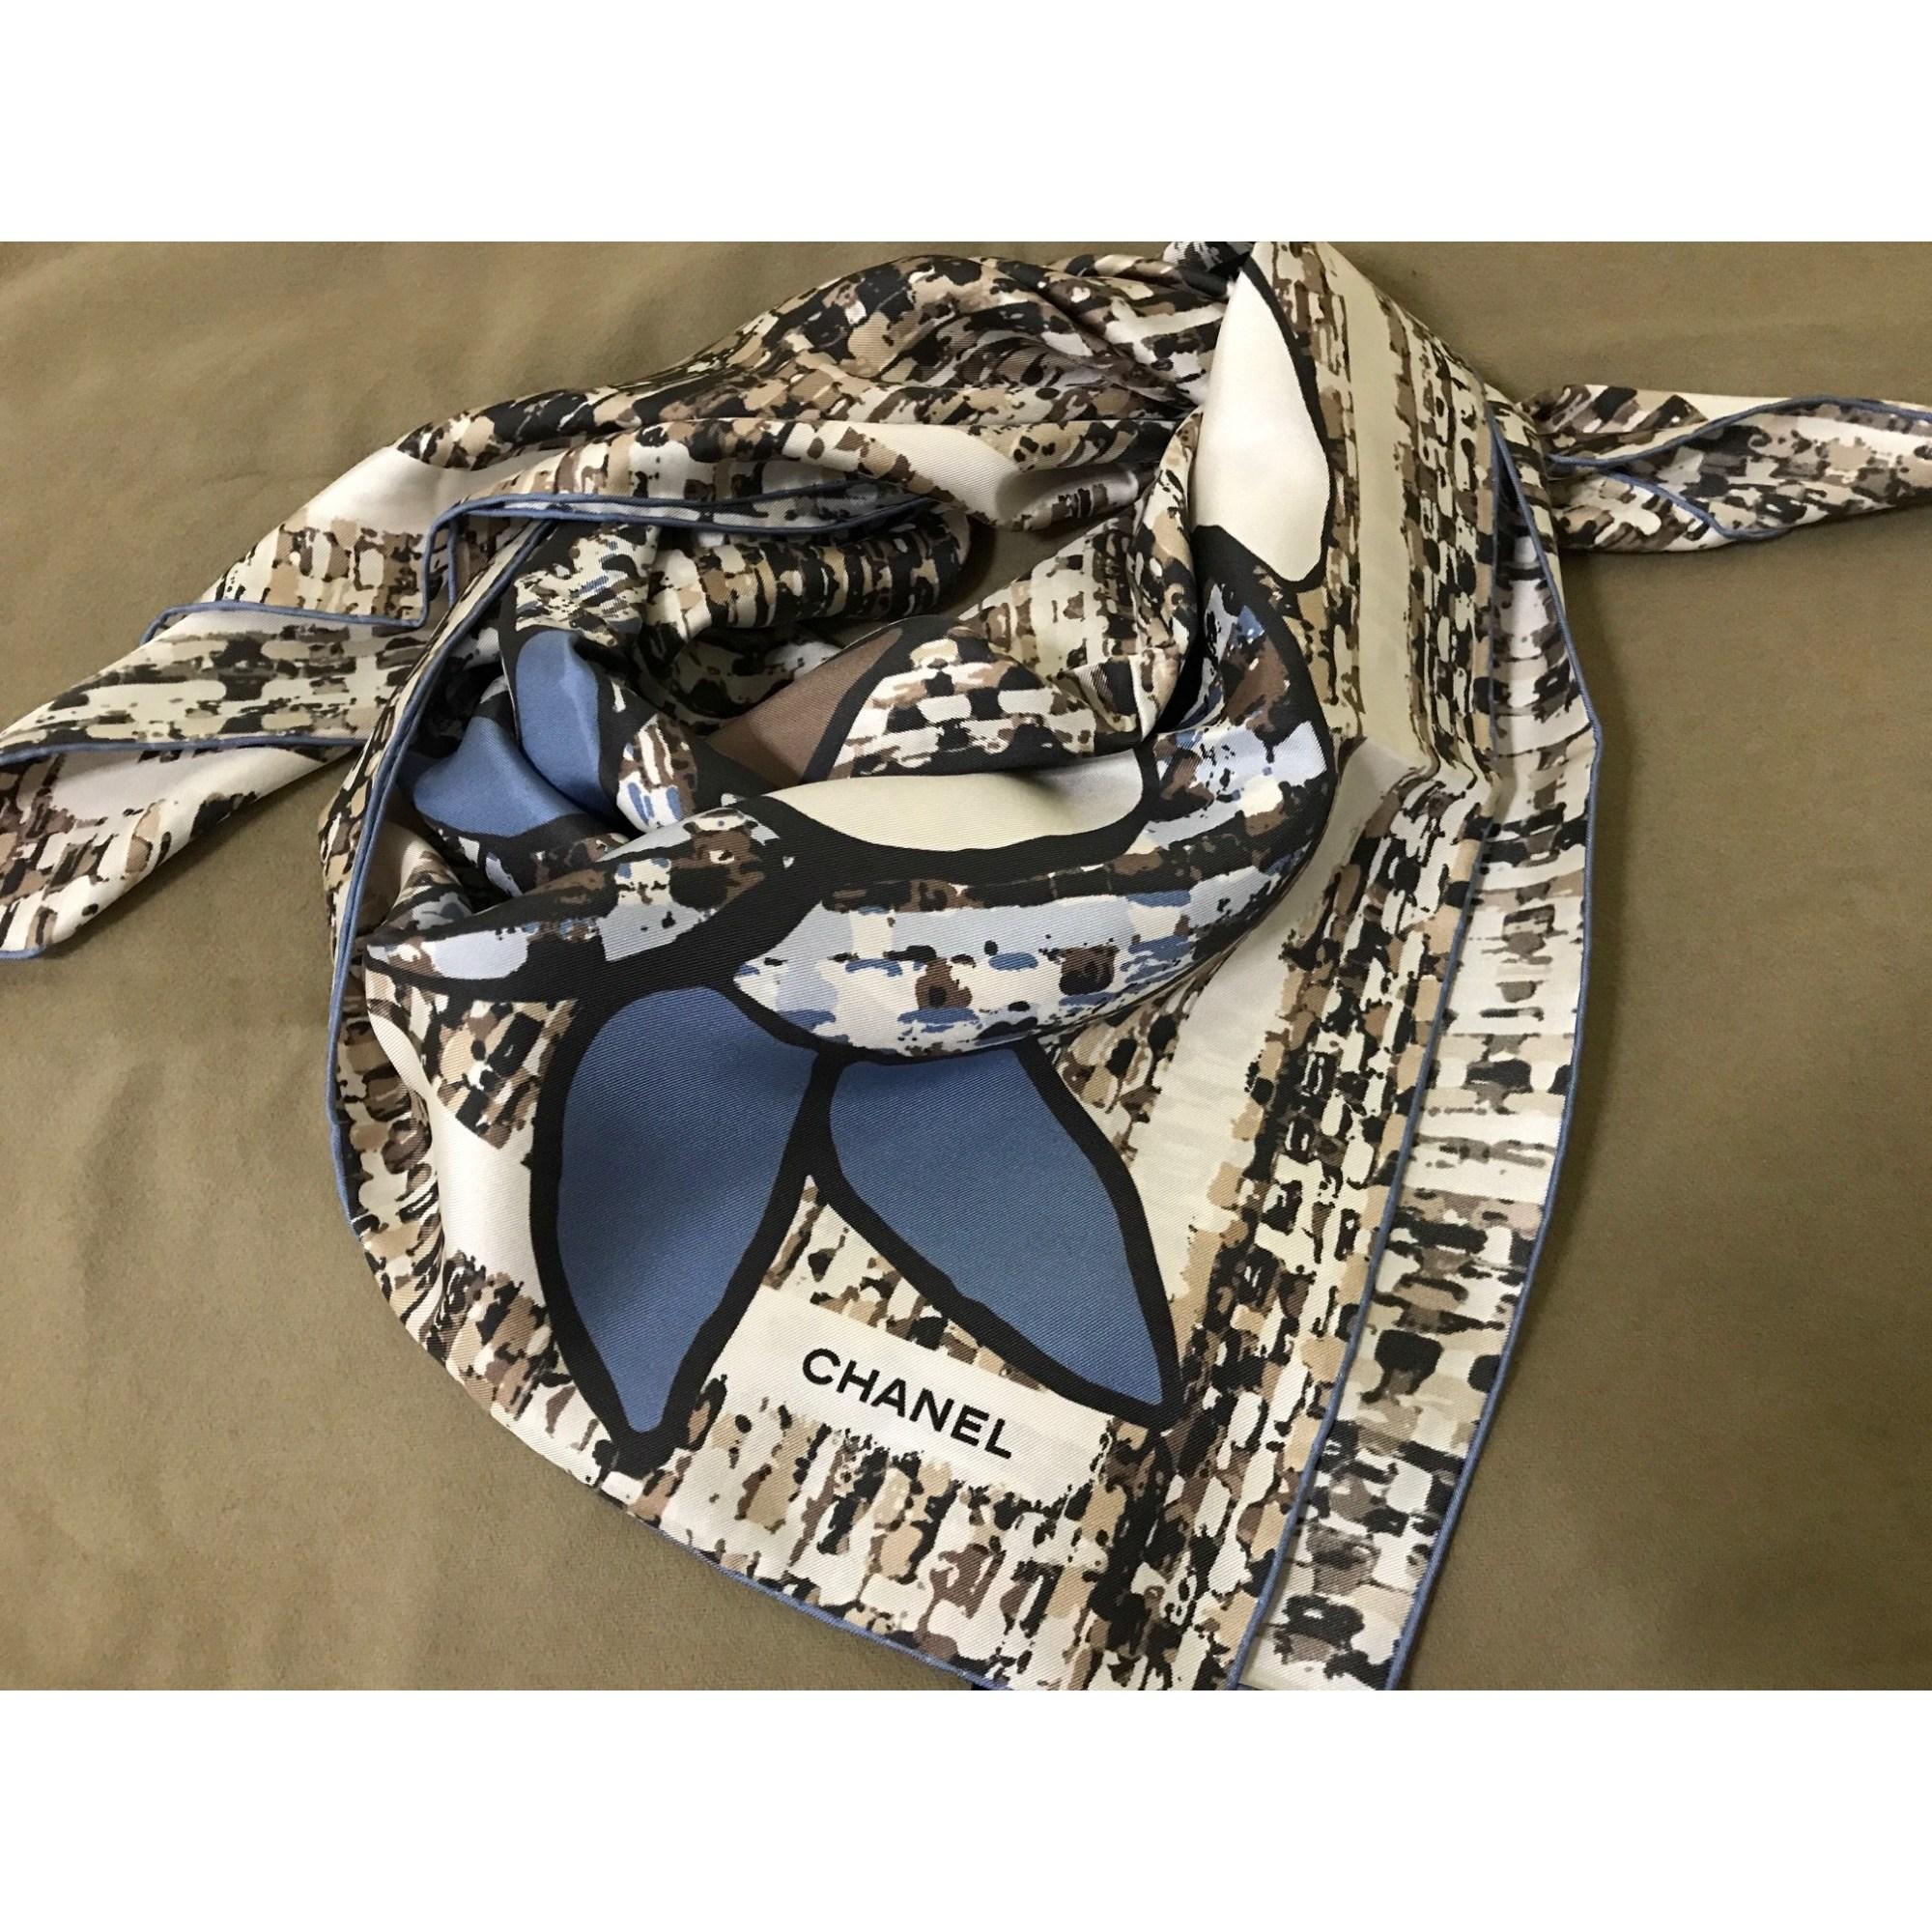 nouvelle version beau lustre fournir beaucoup de Foulard soie bleu femme